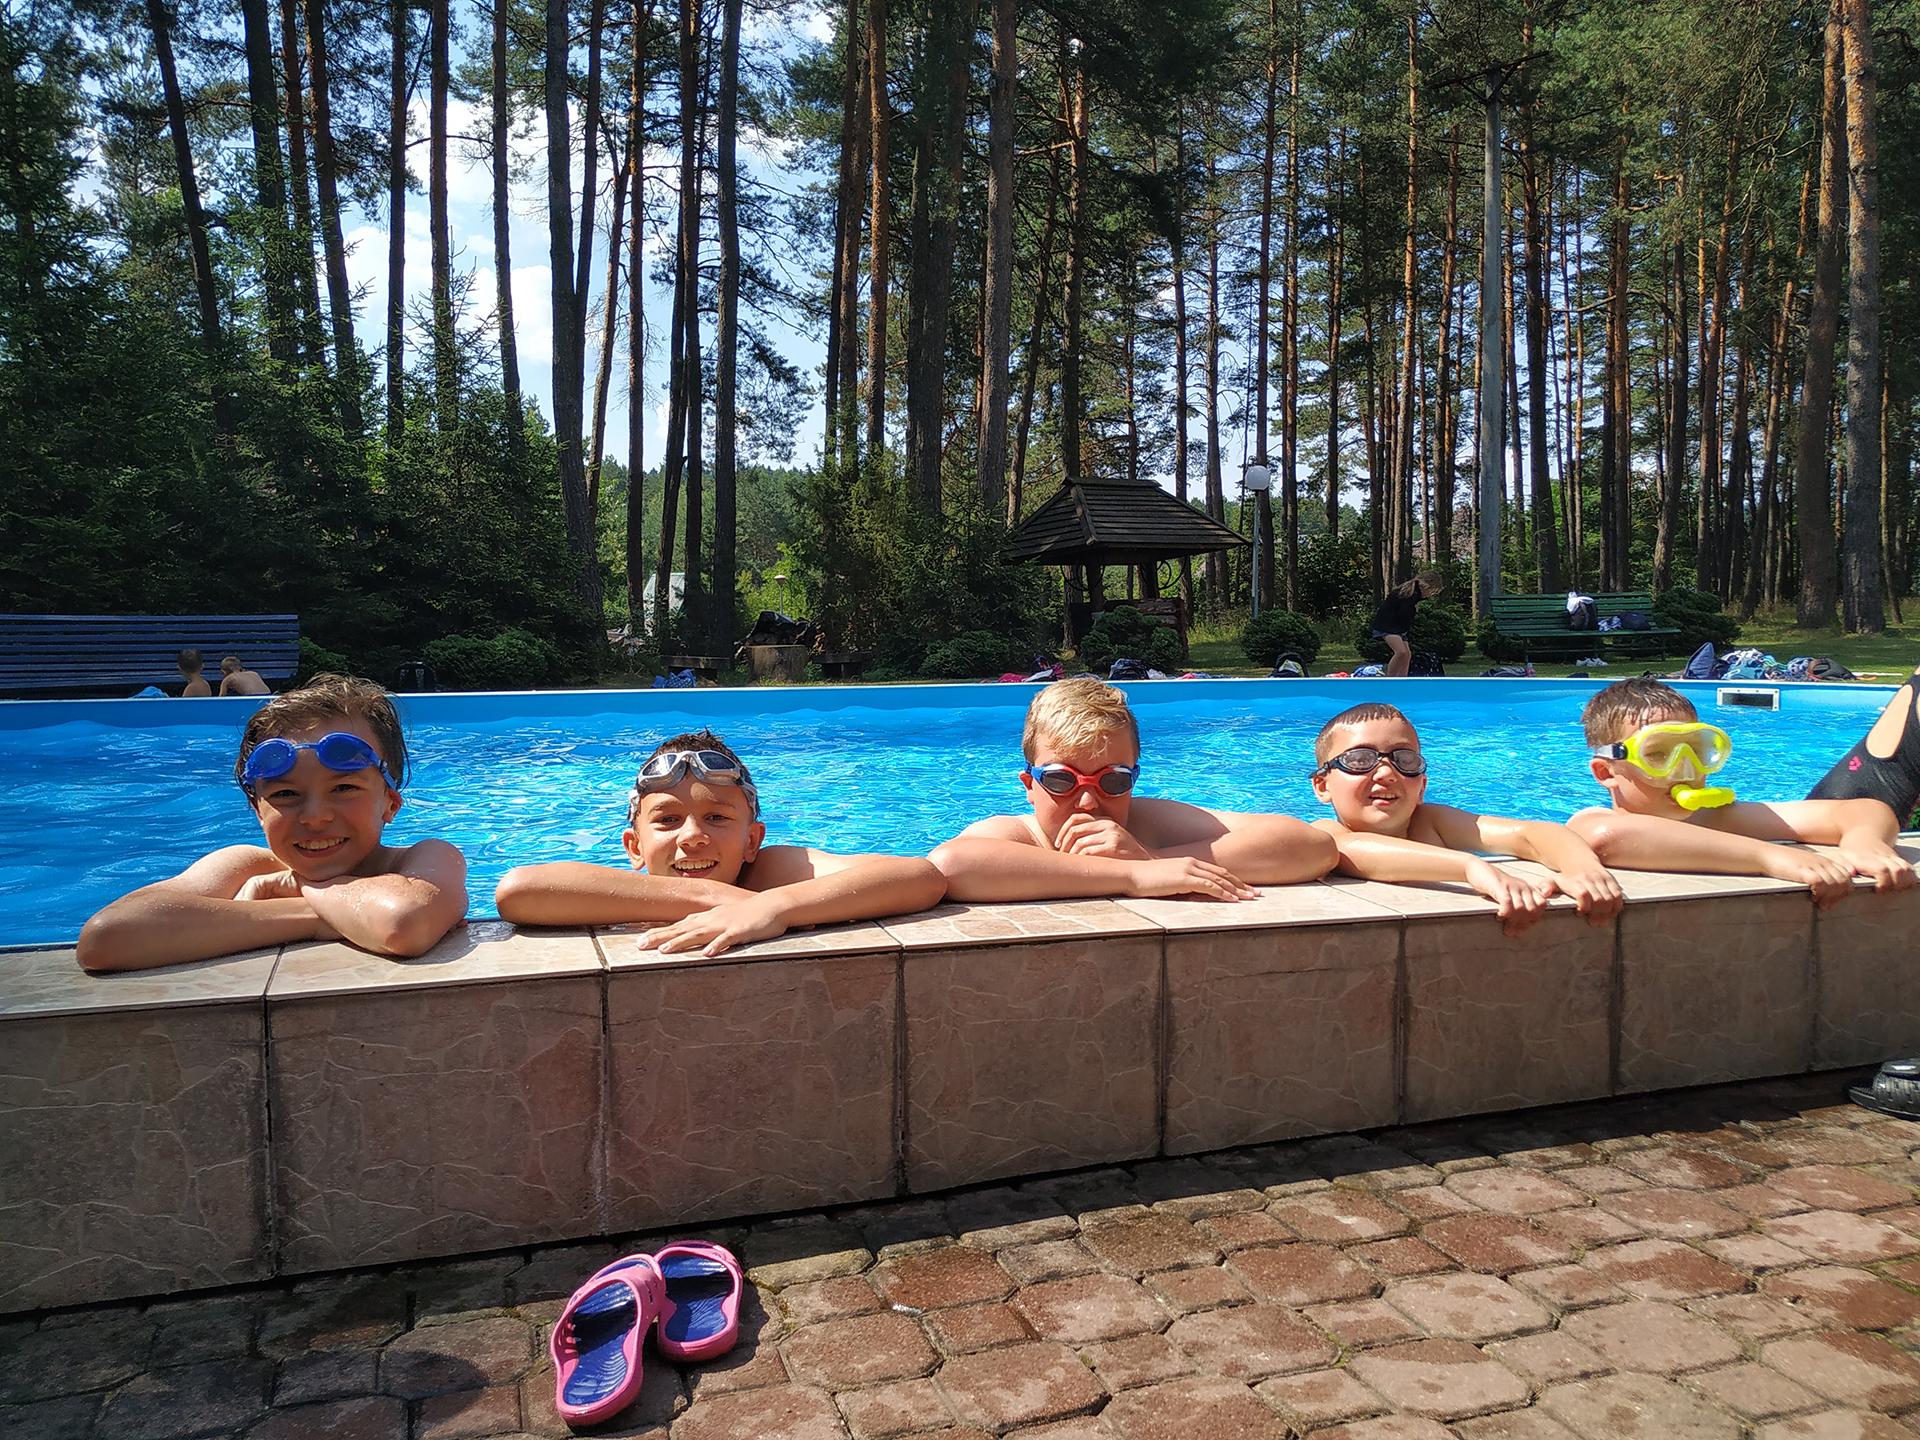 Zajęcia na basenie podczas półkolonii językowej - Zamość, szkoła językowa Bacalarus